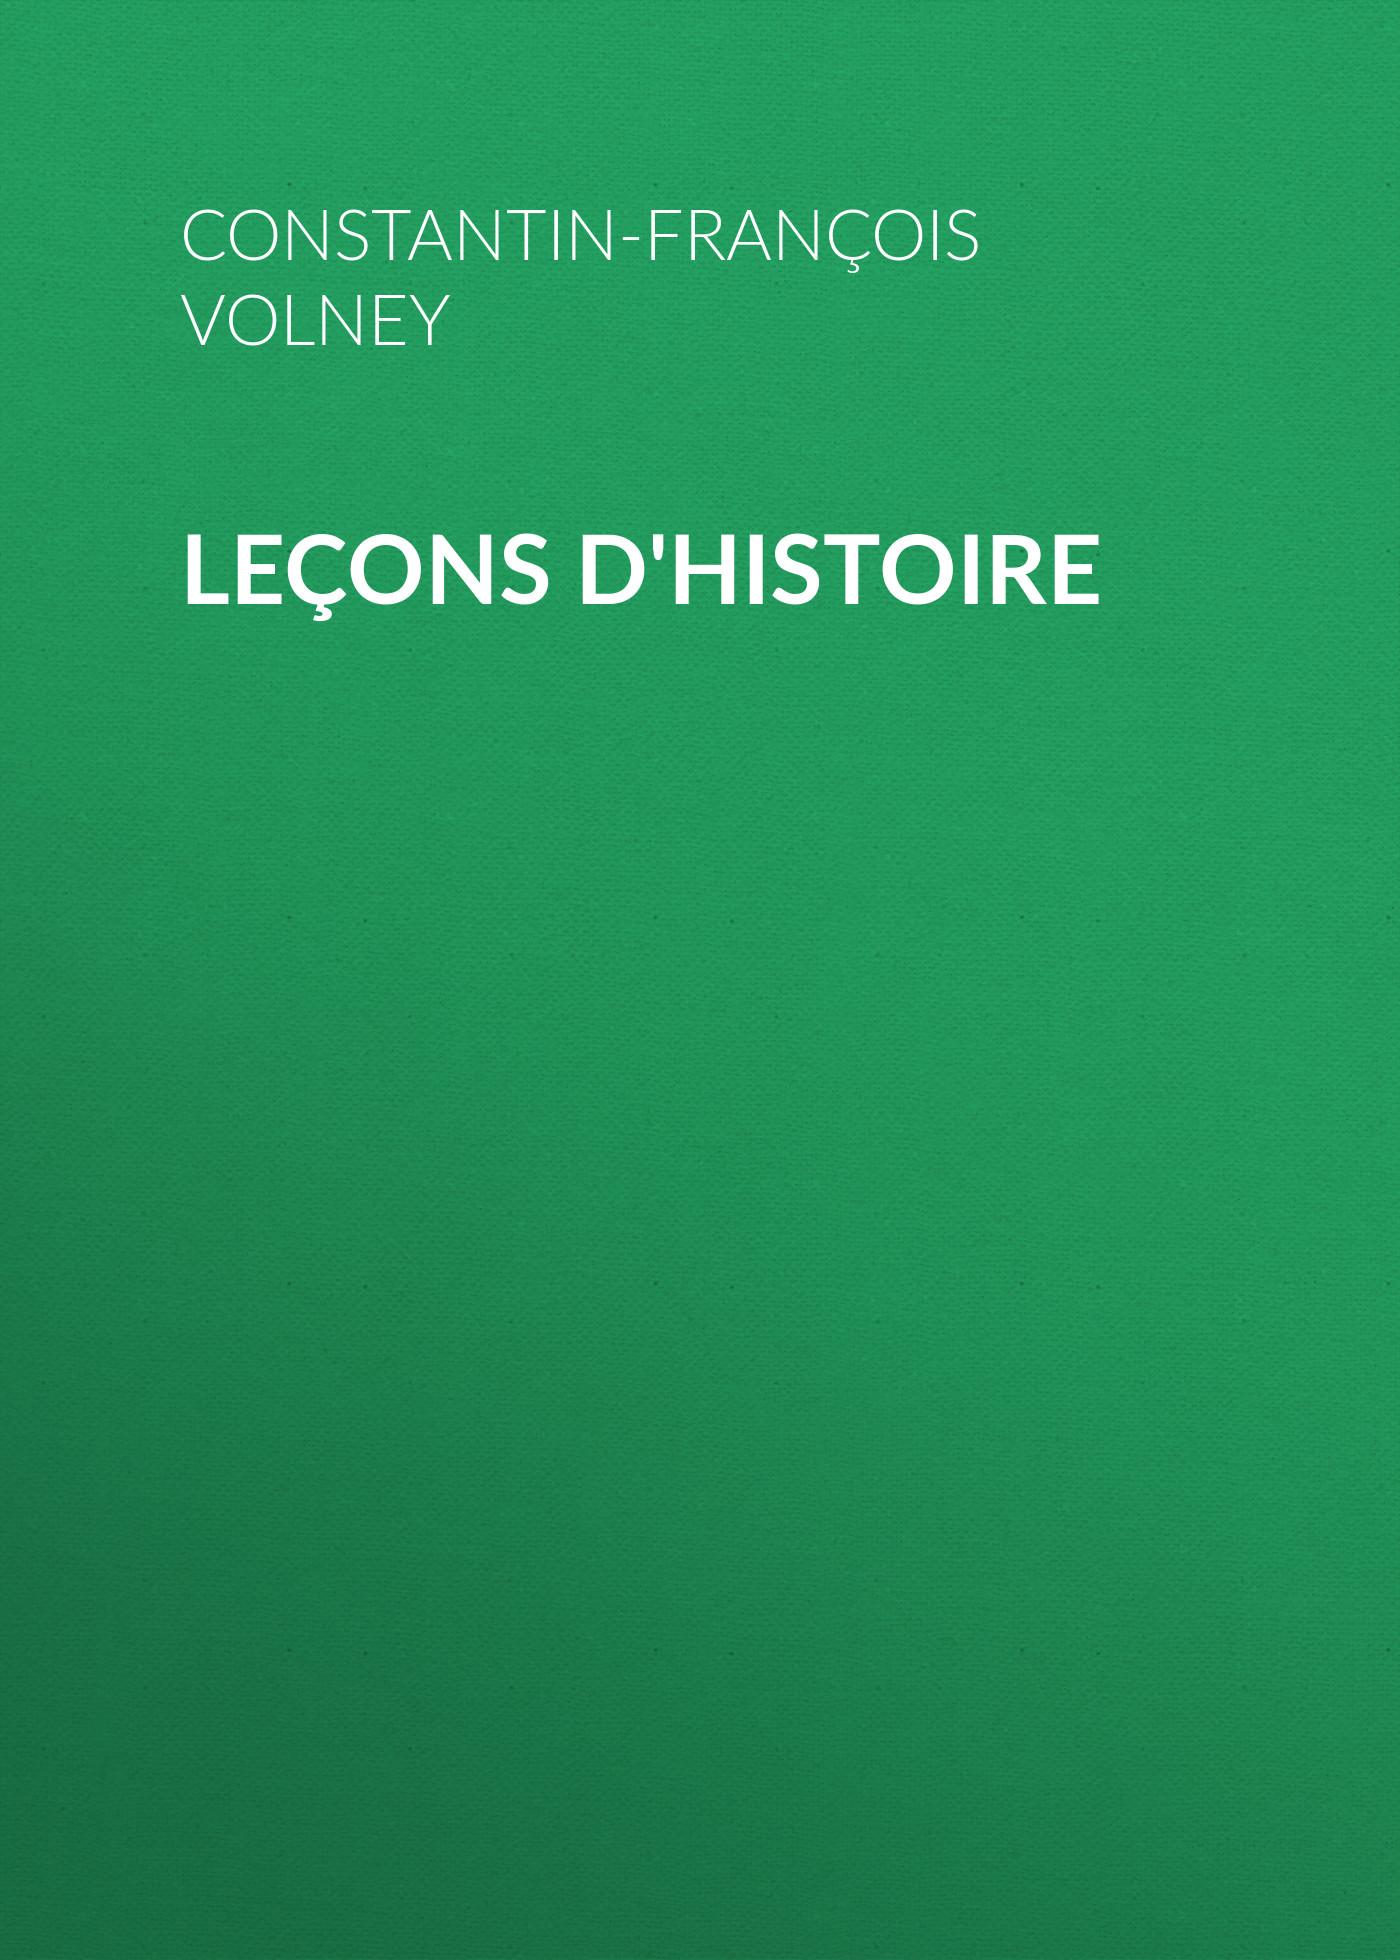 Constantin-François Volney Leçons d'histoire цена 2017